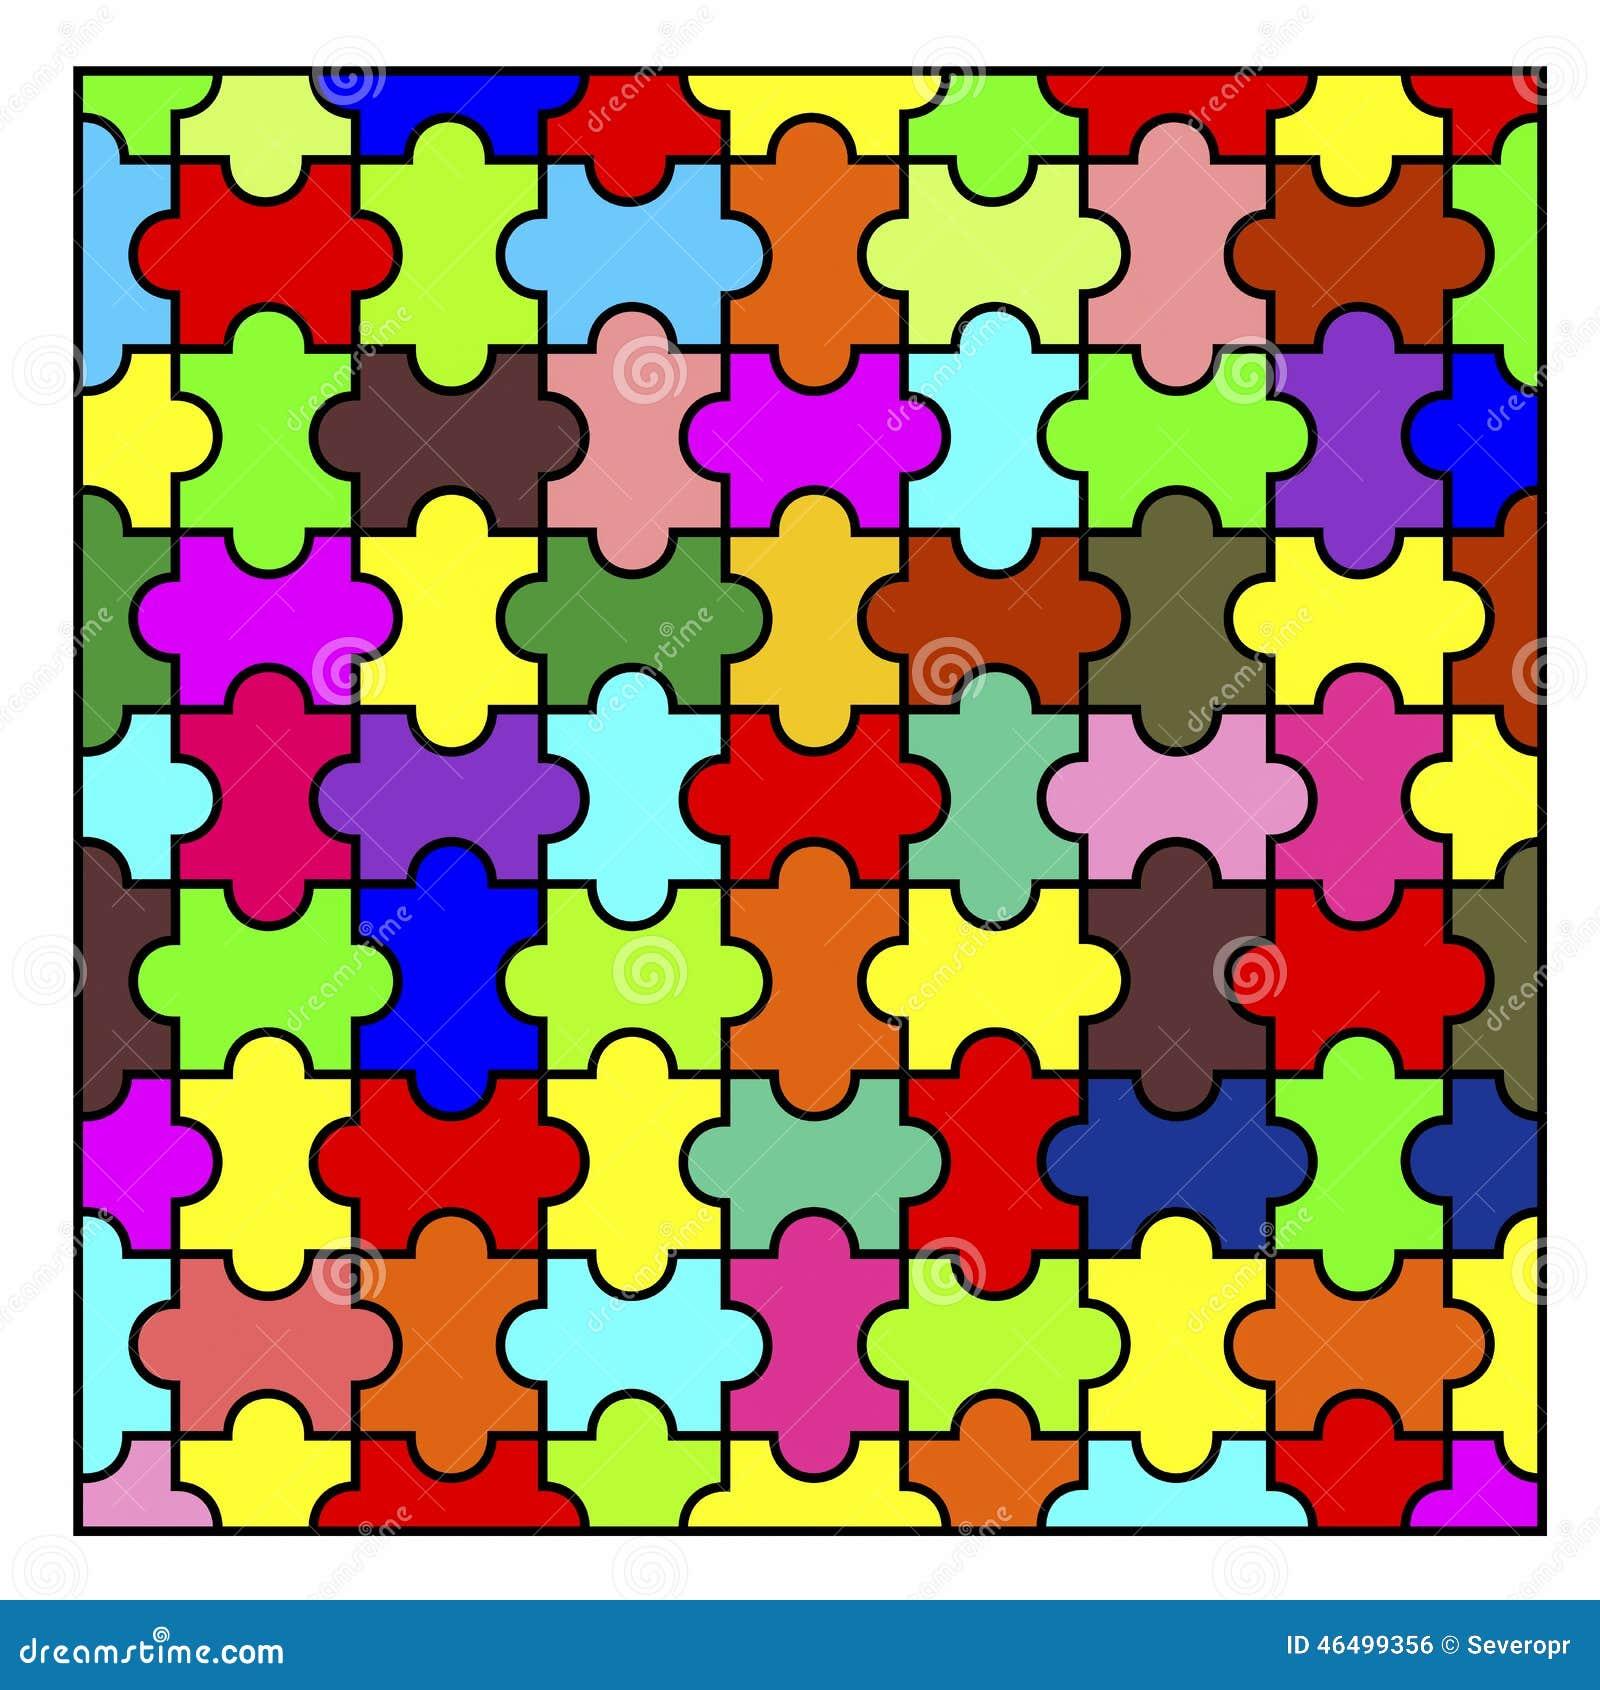 Mosaico de colores best distribucin de bayer de los peles de un sensor digital luminaria - Mosaico de colores ...